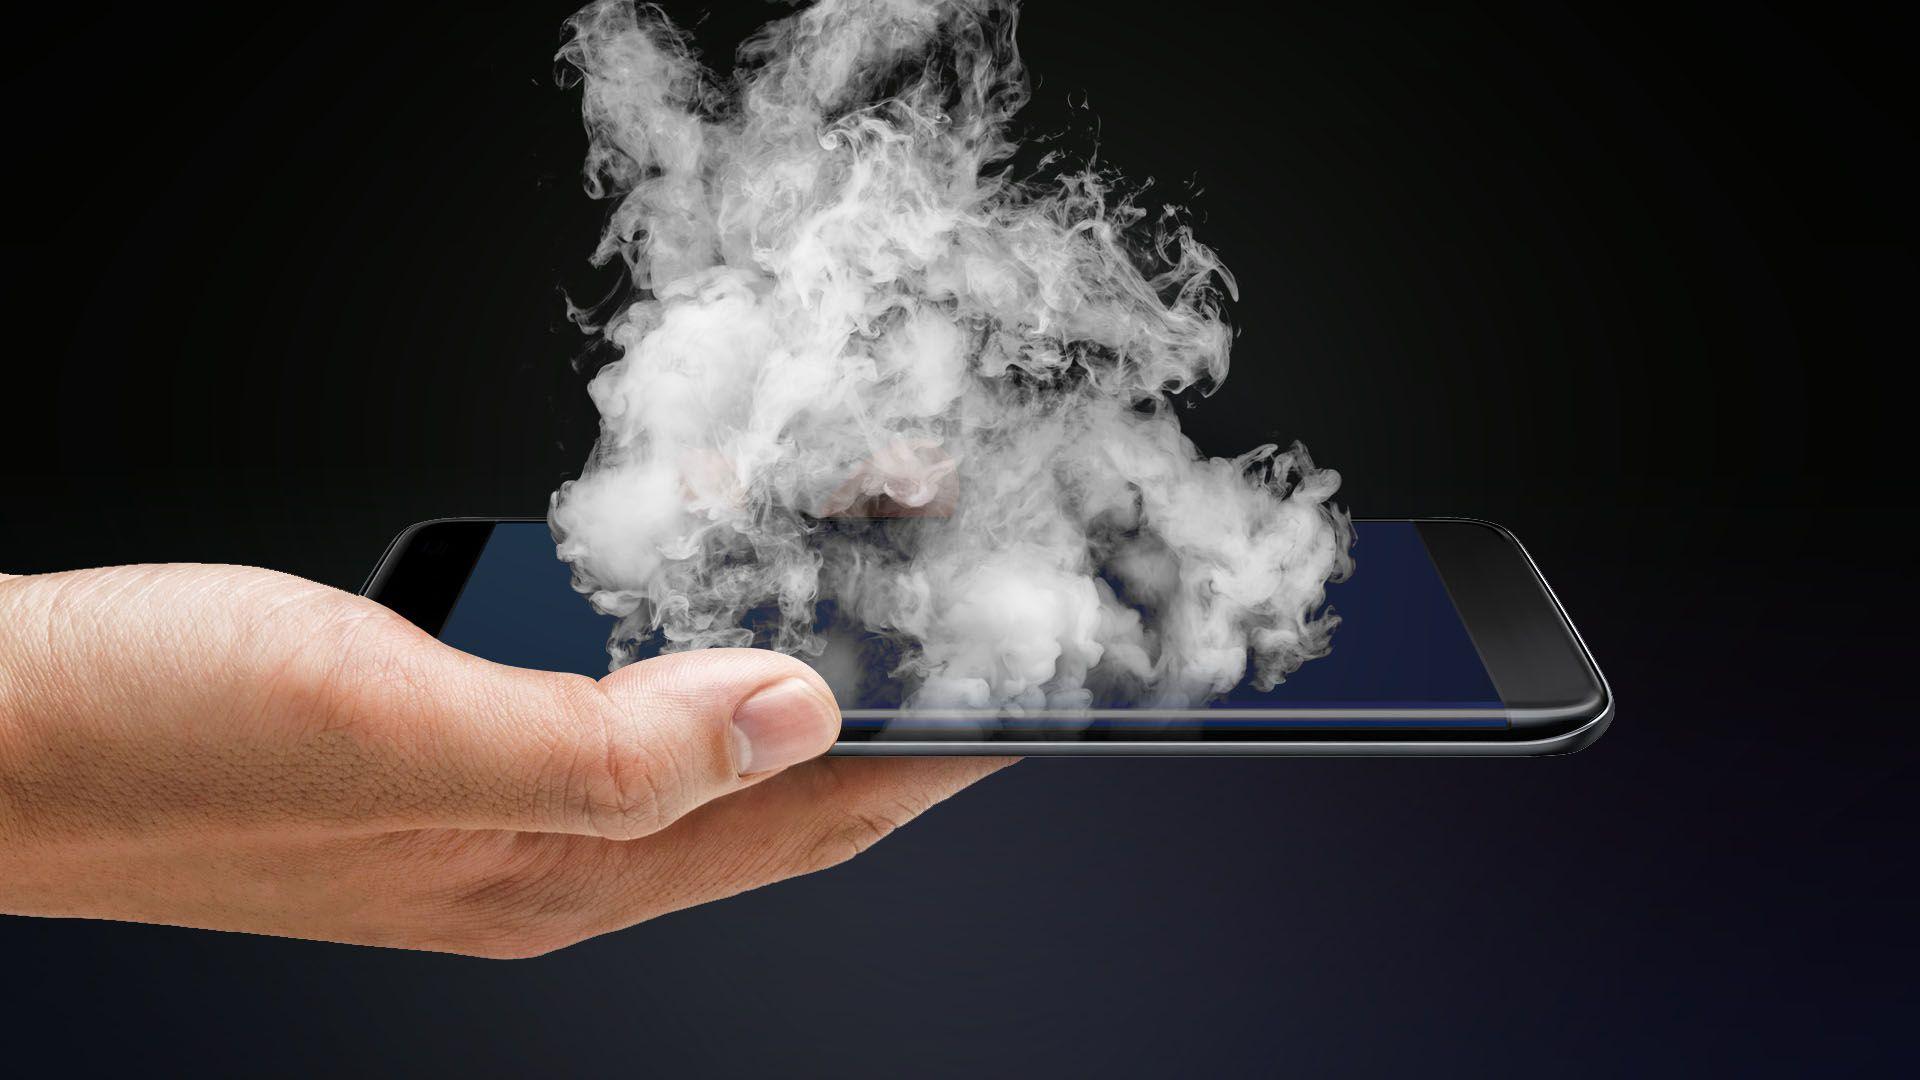 Brecha pode afetar centenas de milhões de dispositivos.